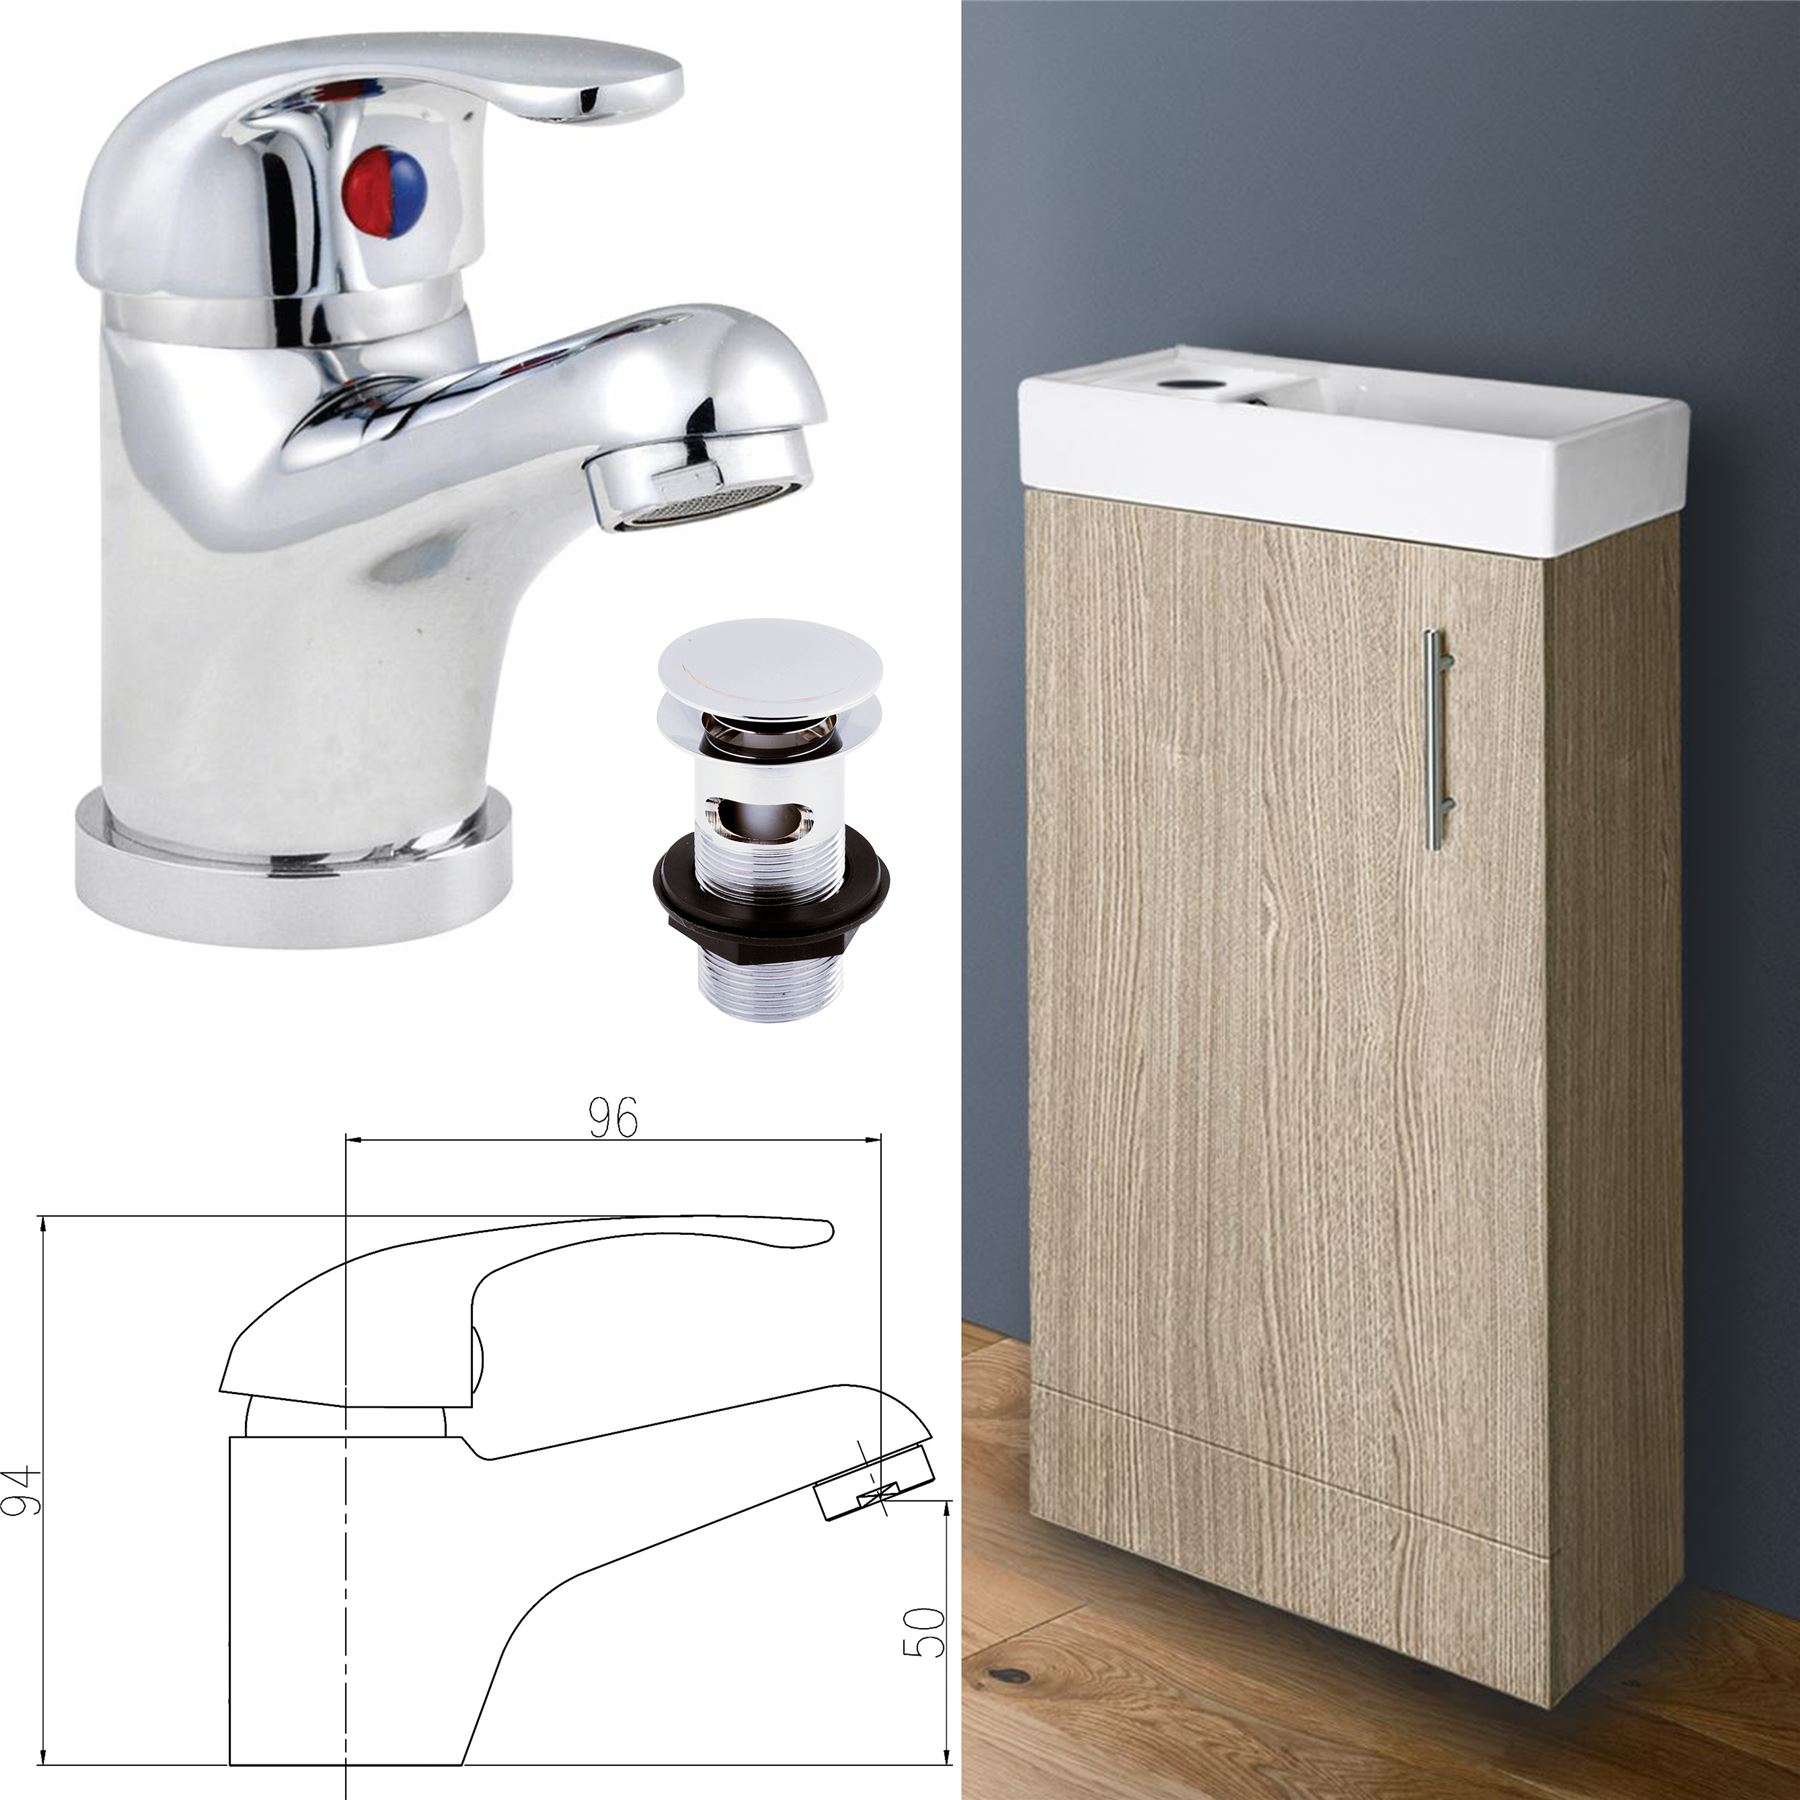 compact 400mm bathroom cloakroom vanity unit basin sink. Black Bedroom Furniture Sets. Home Design Ideas